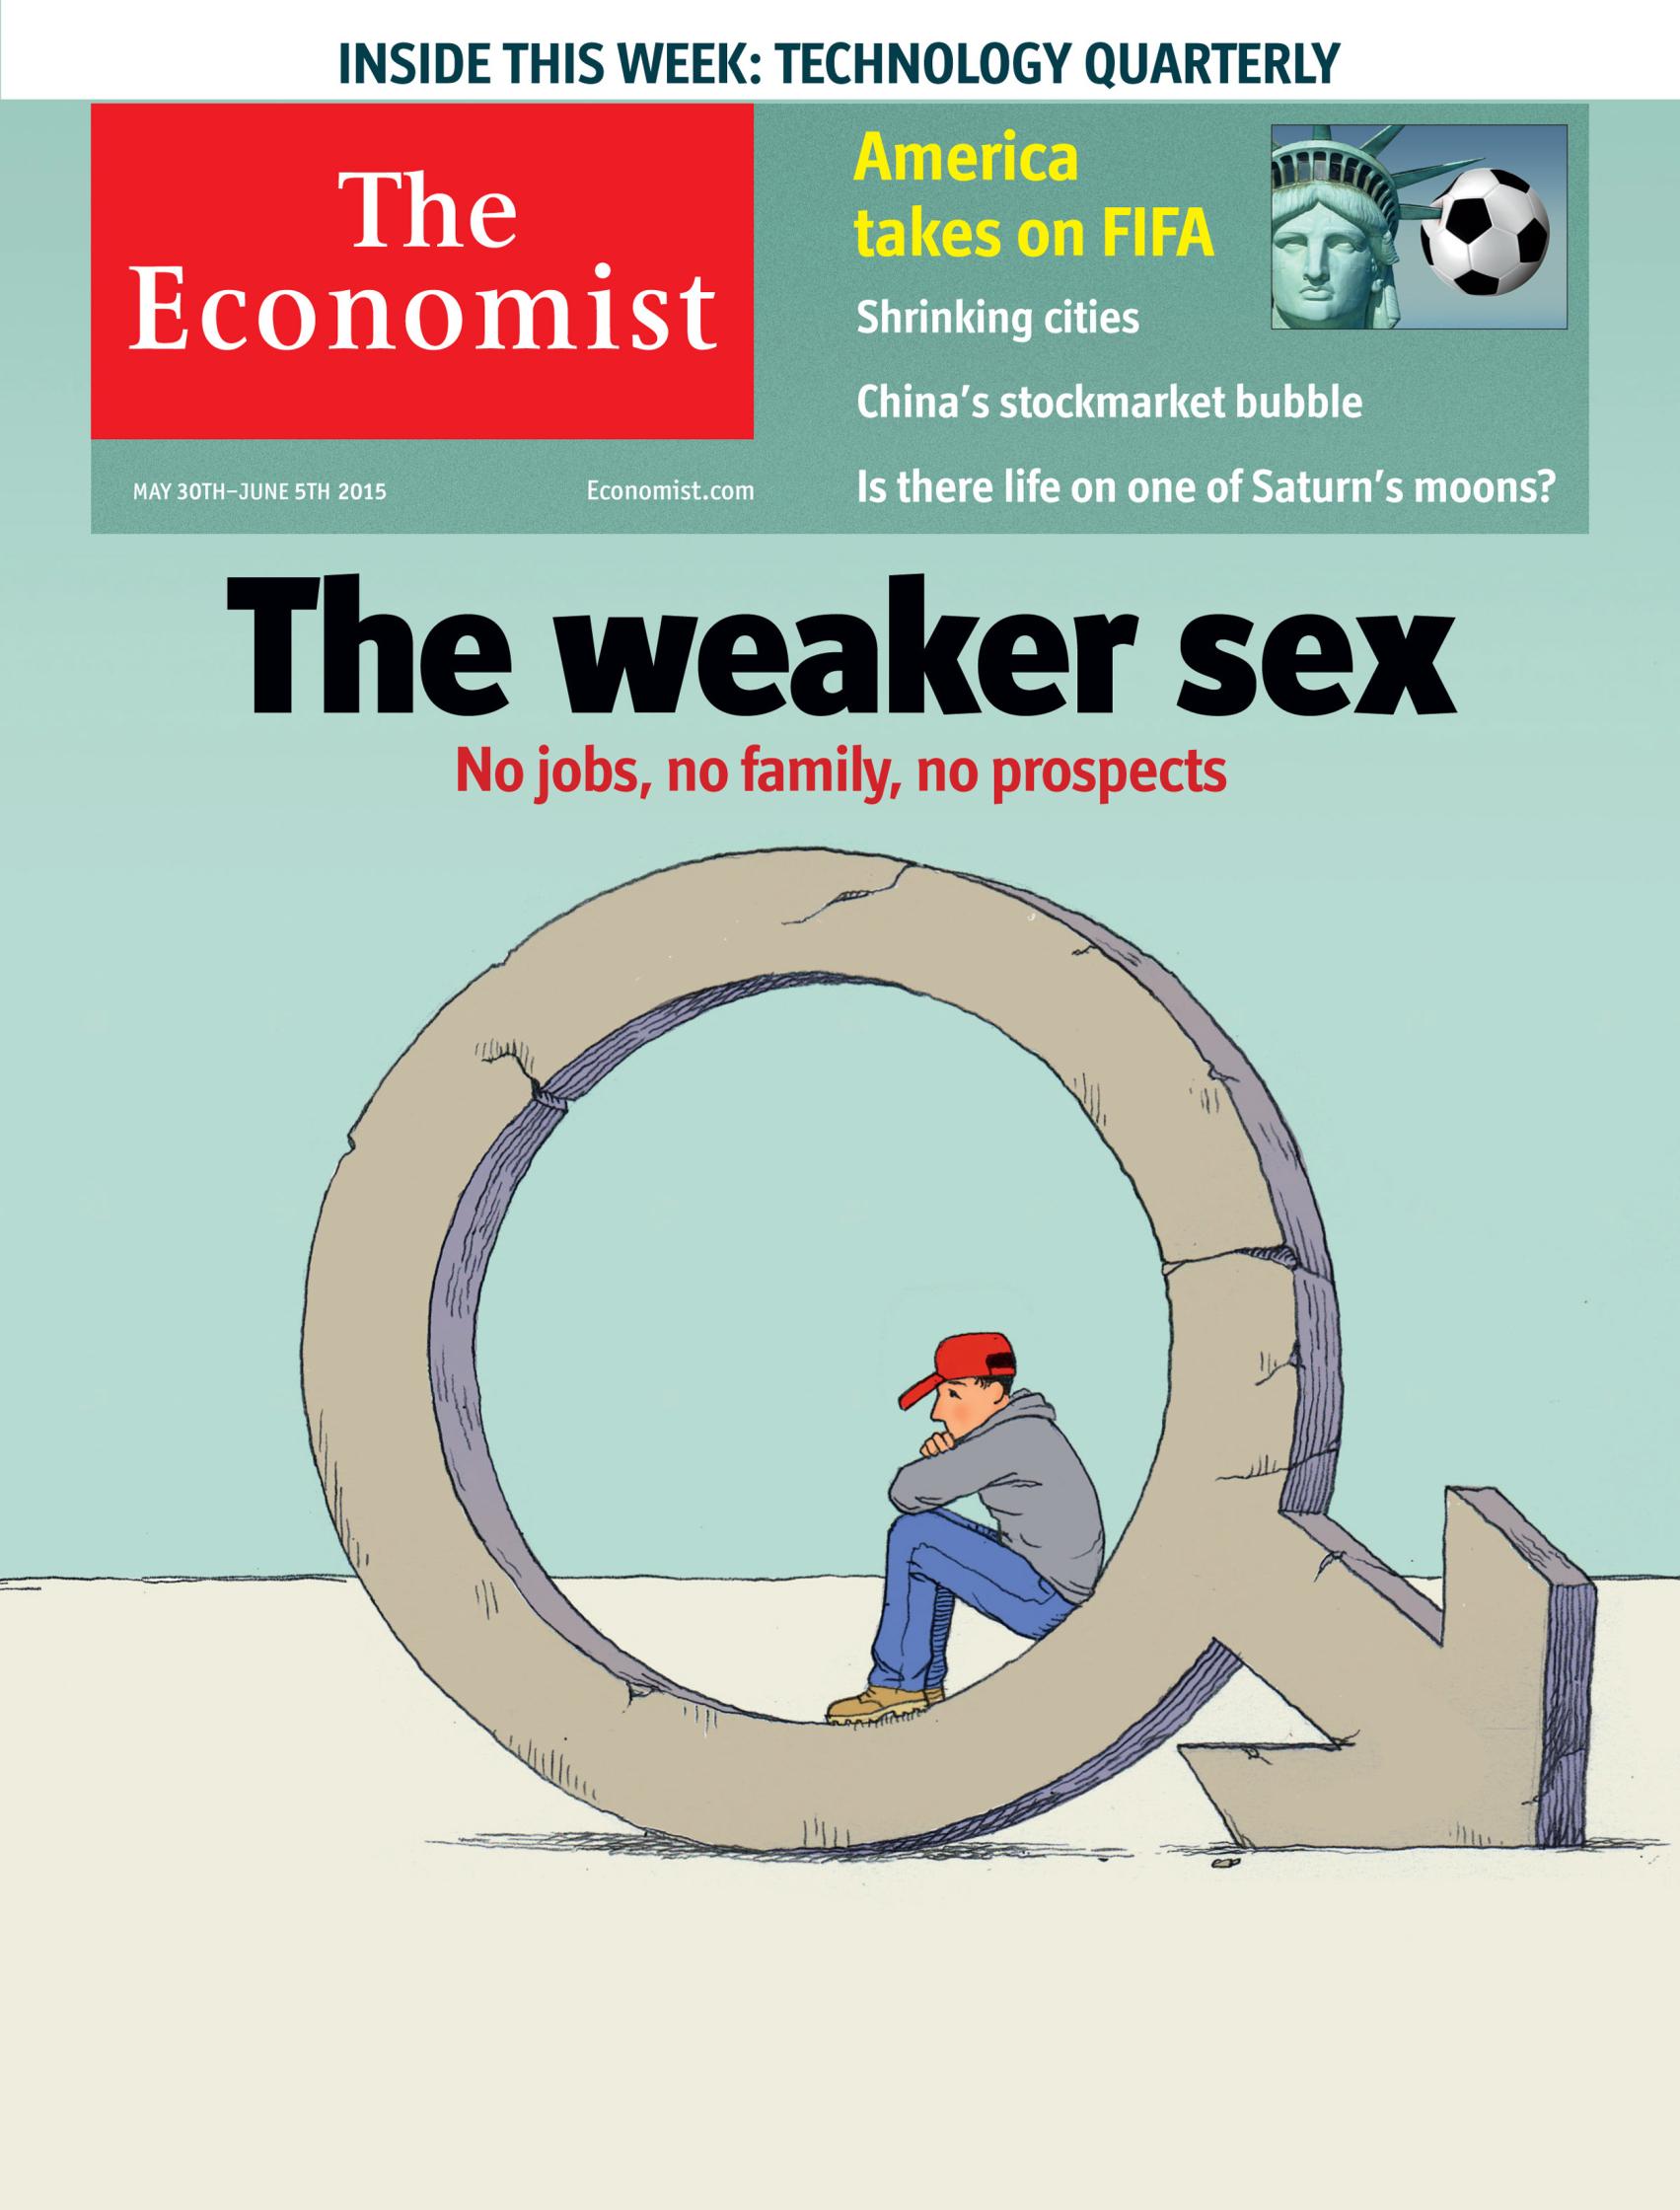 WeakerSex.jpg